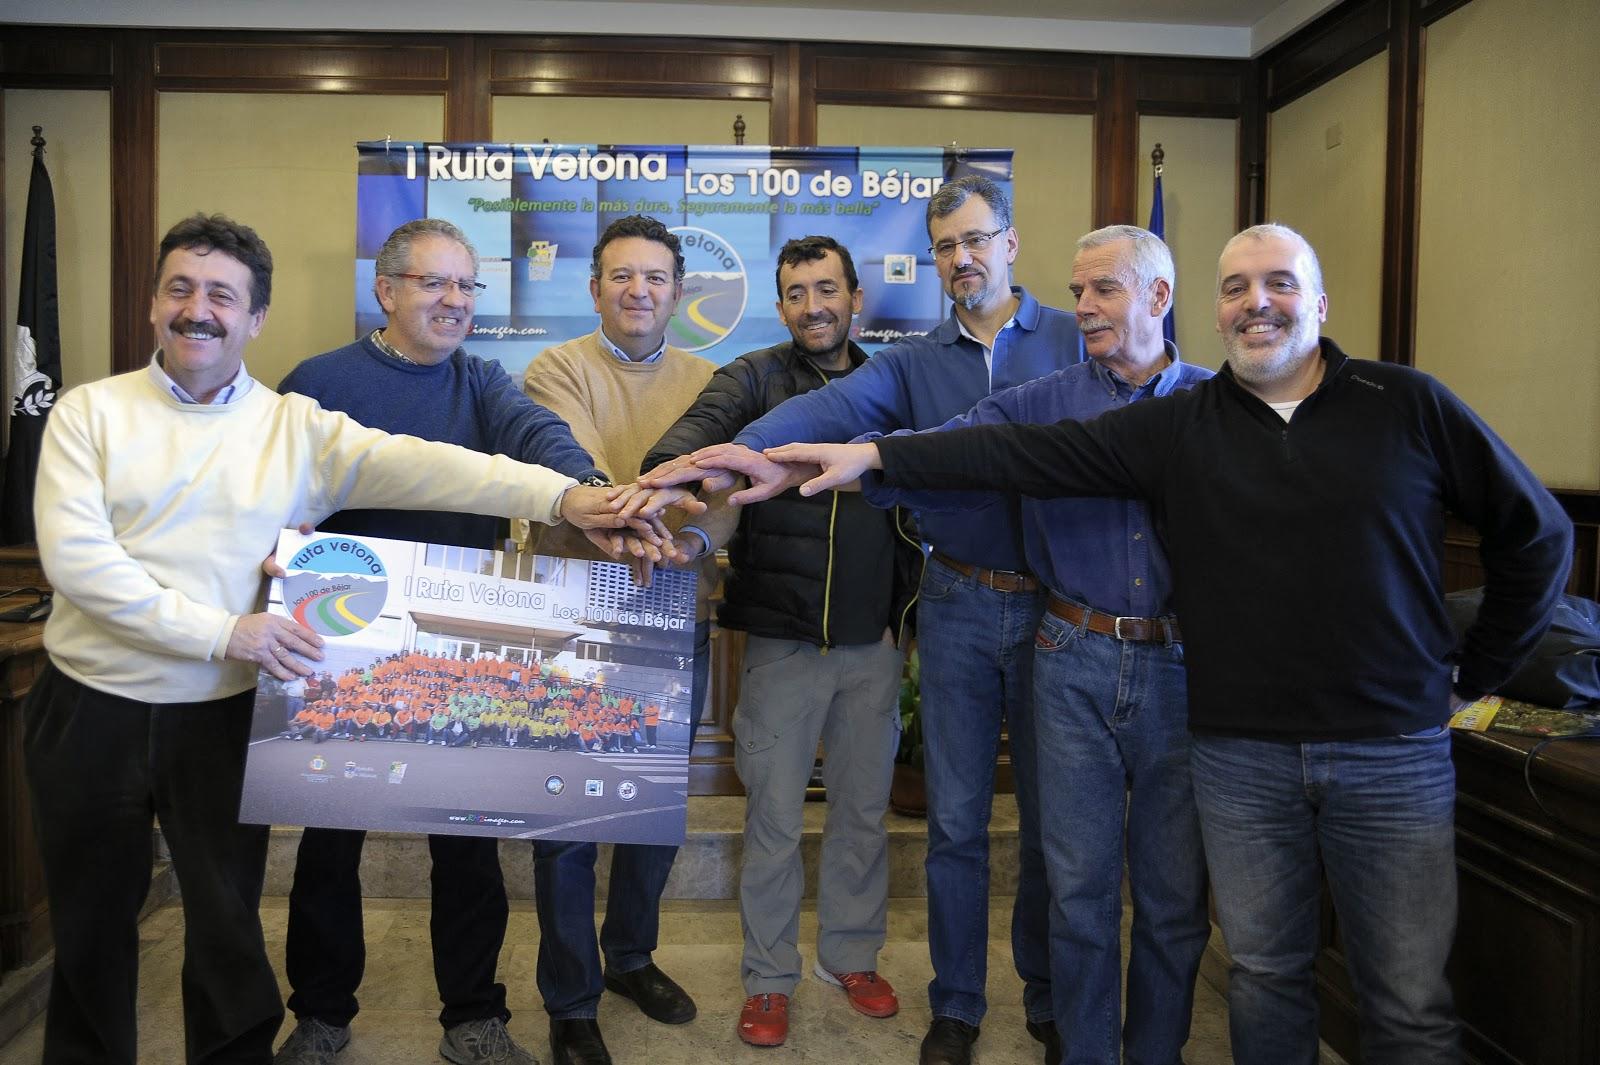 concejales y organizadores duratne la presentación de la II Ruta Vetona